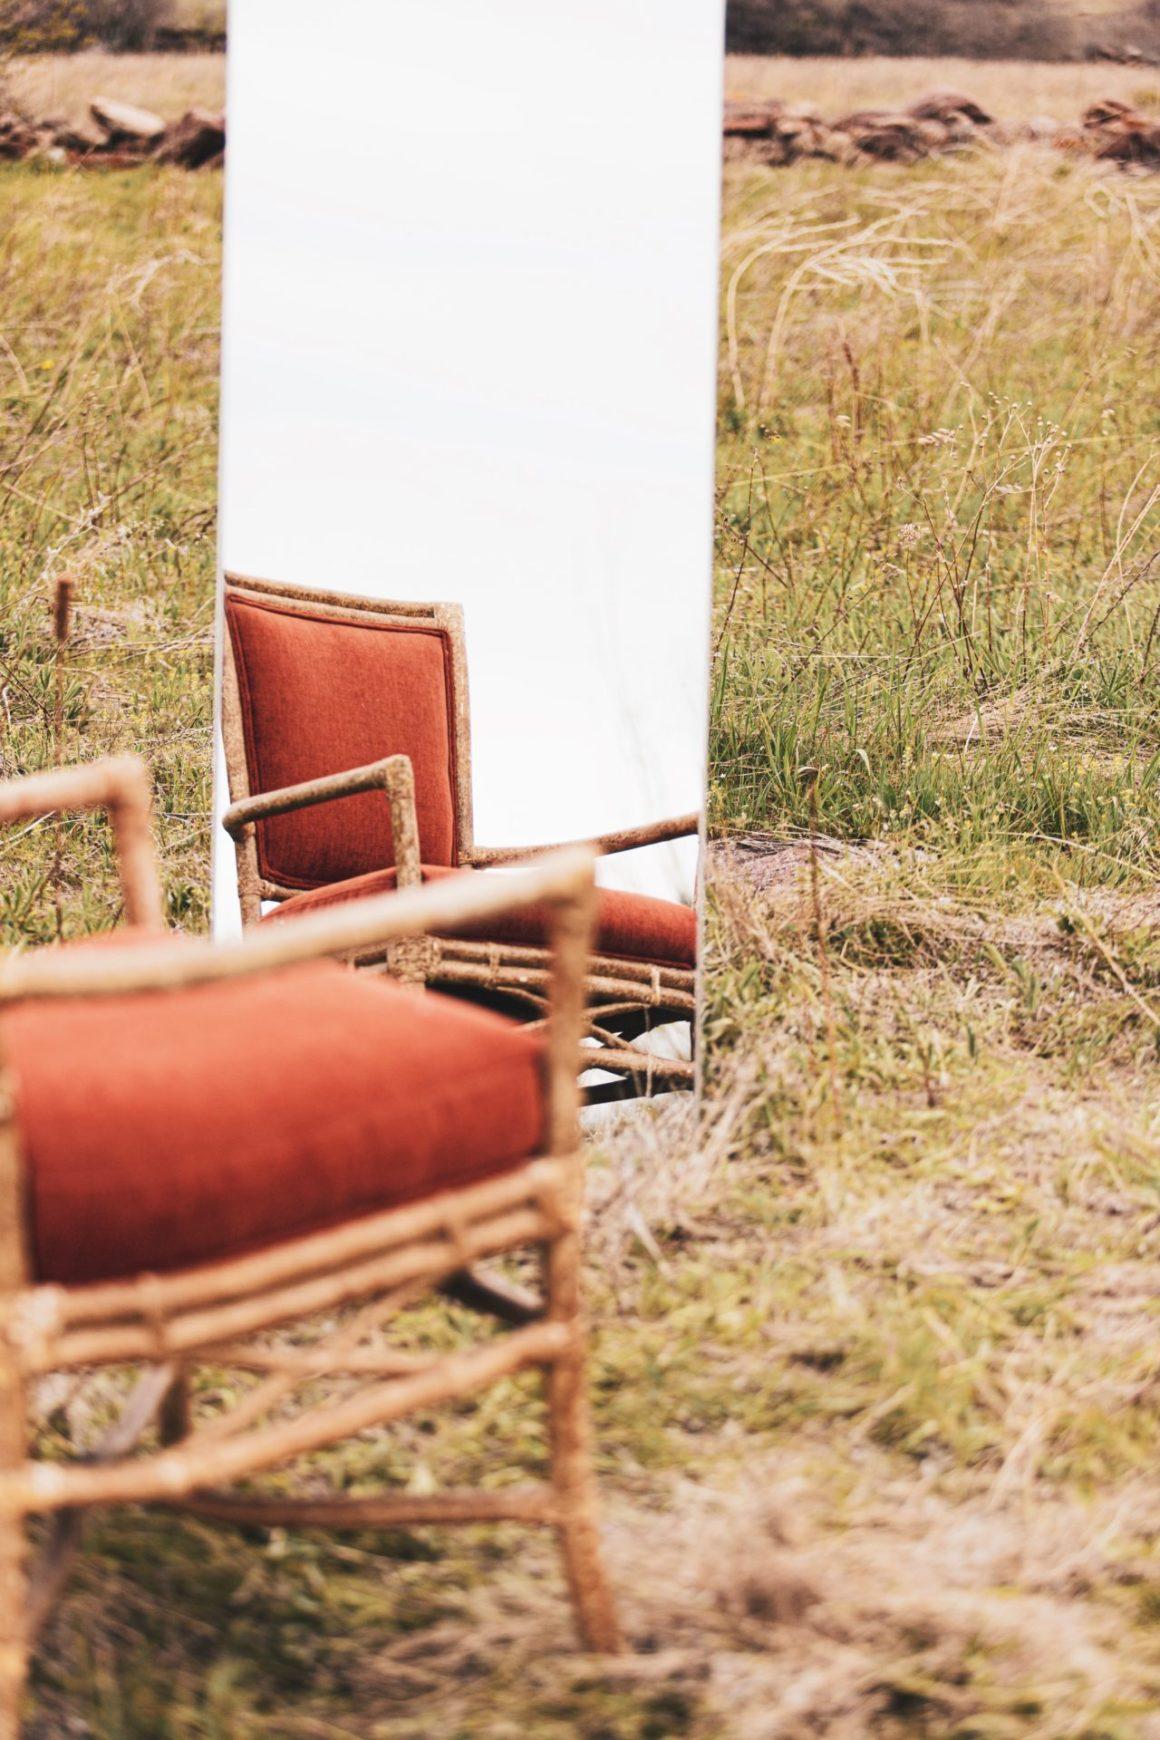 Sessel fuer psychotherapie in der natur